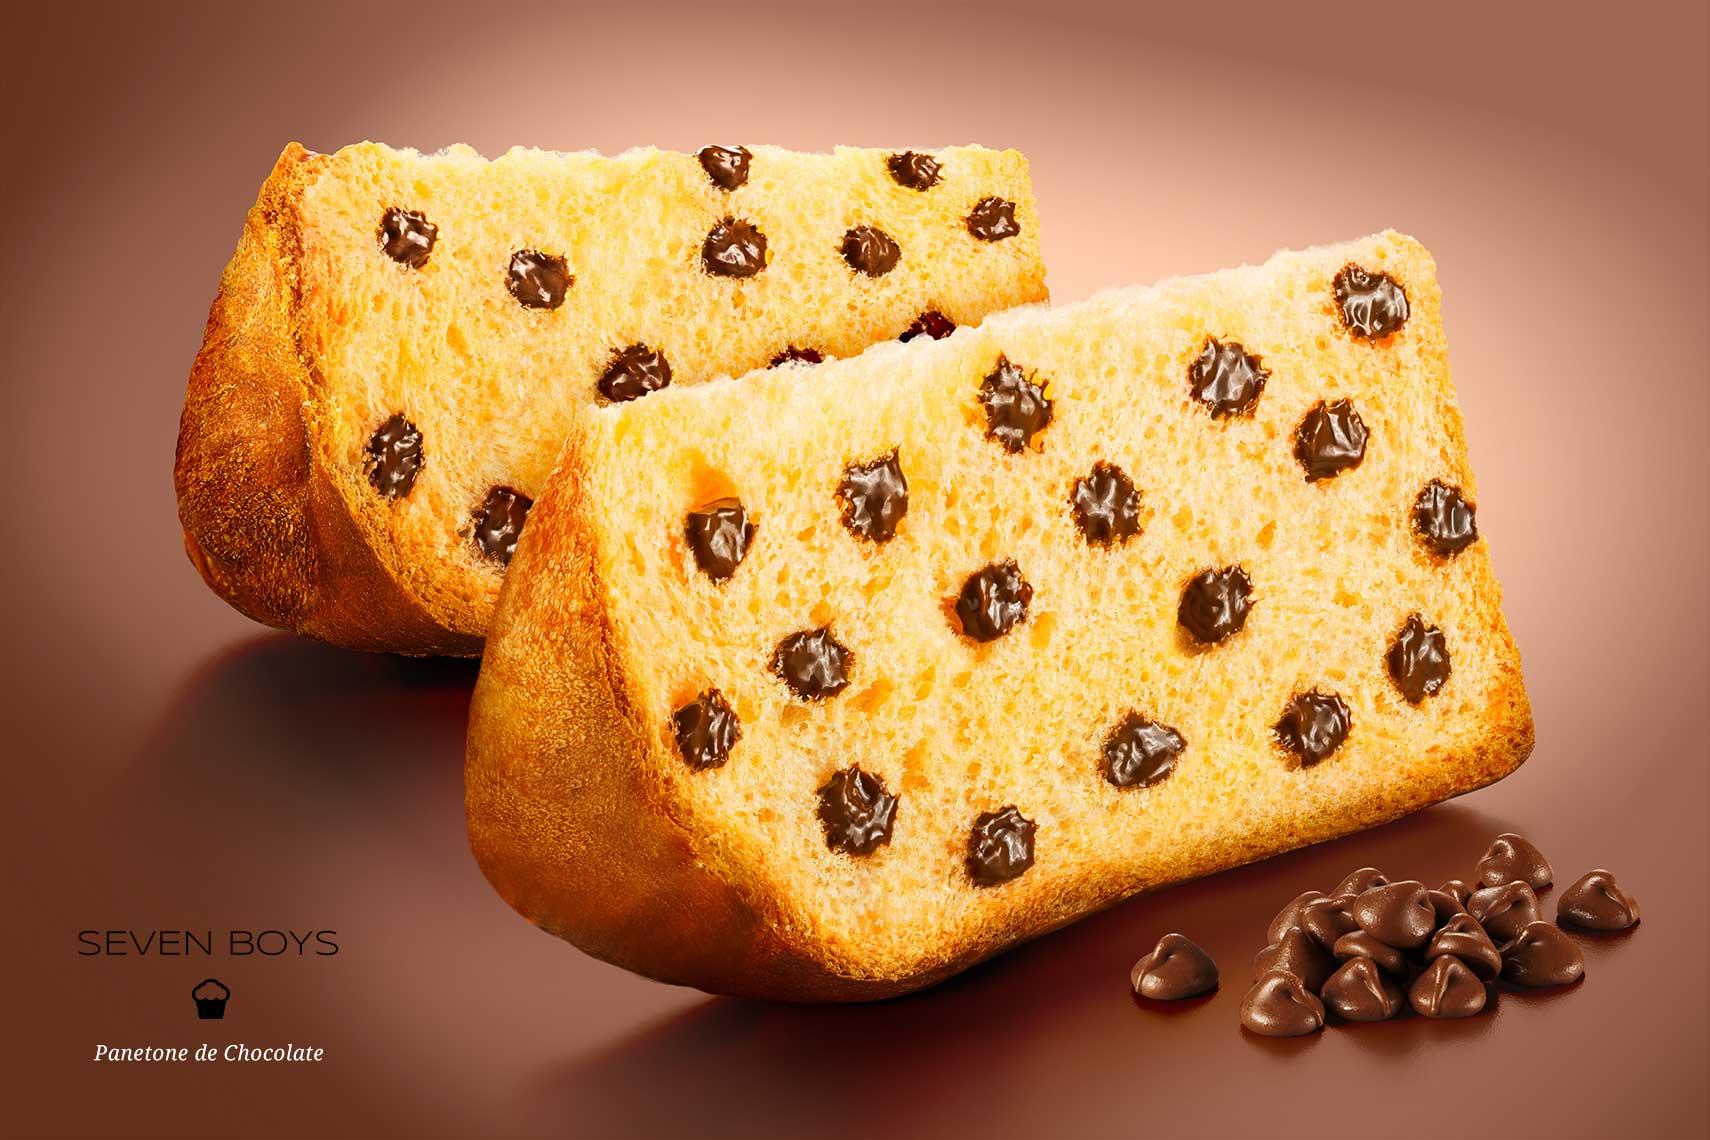 Fotógrafo de Alimentos - Panetone e Chocotone